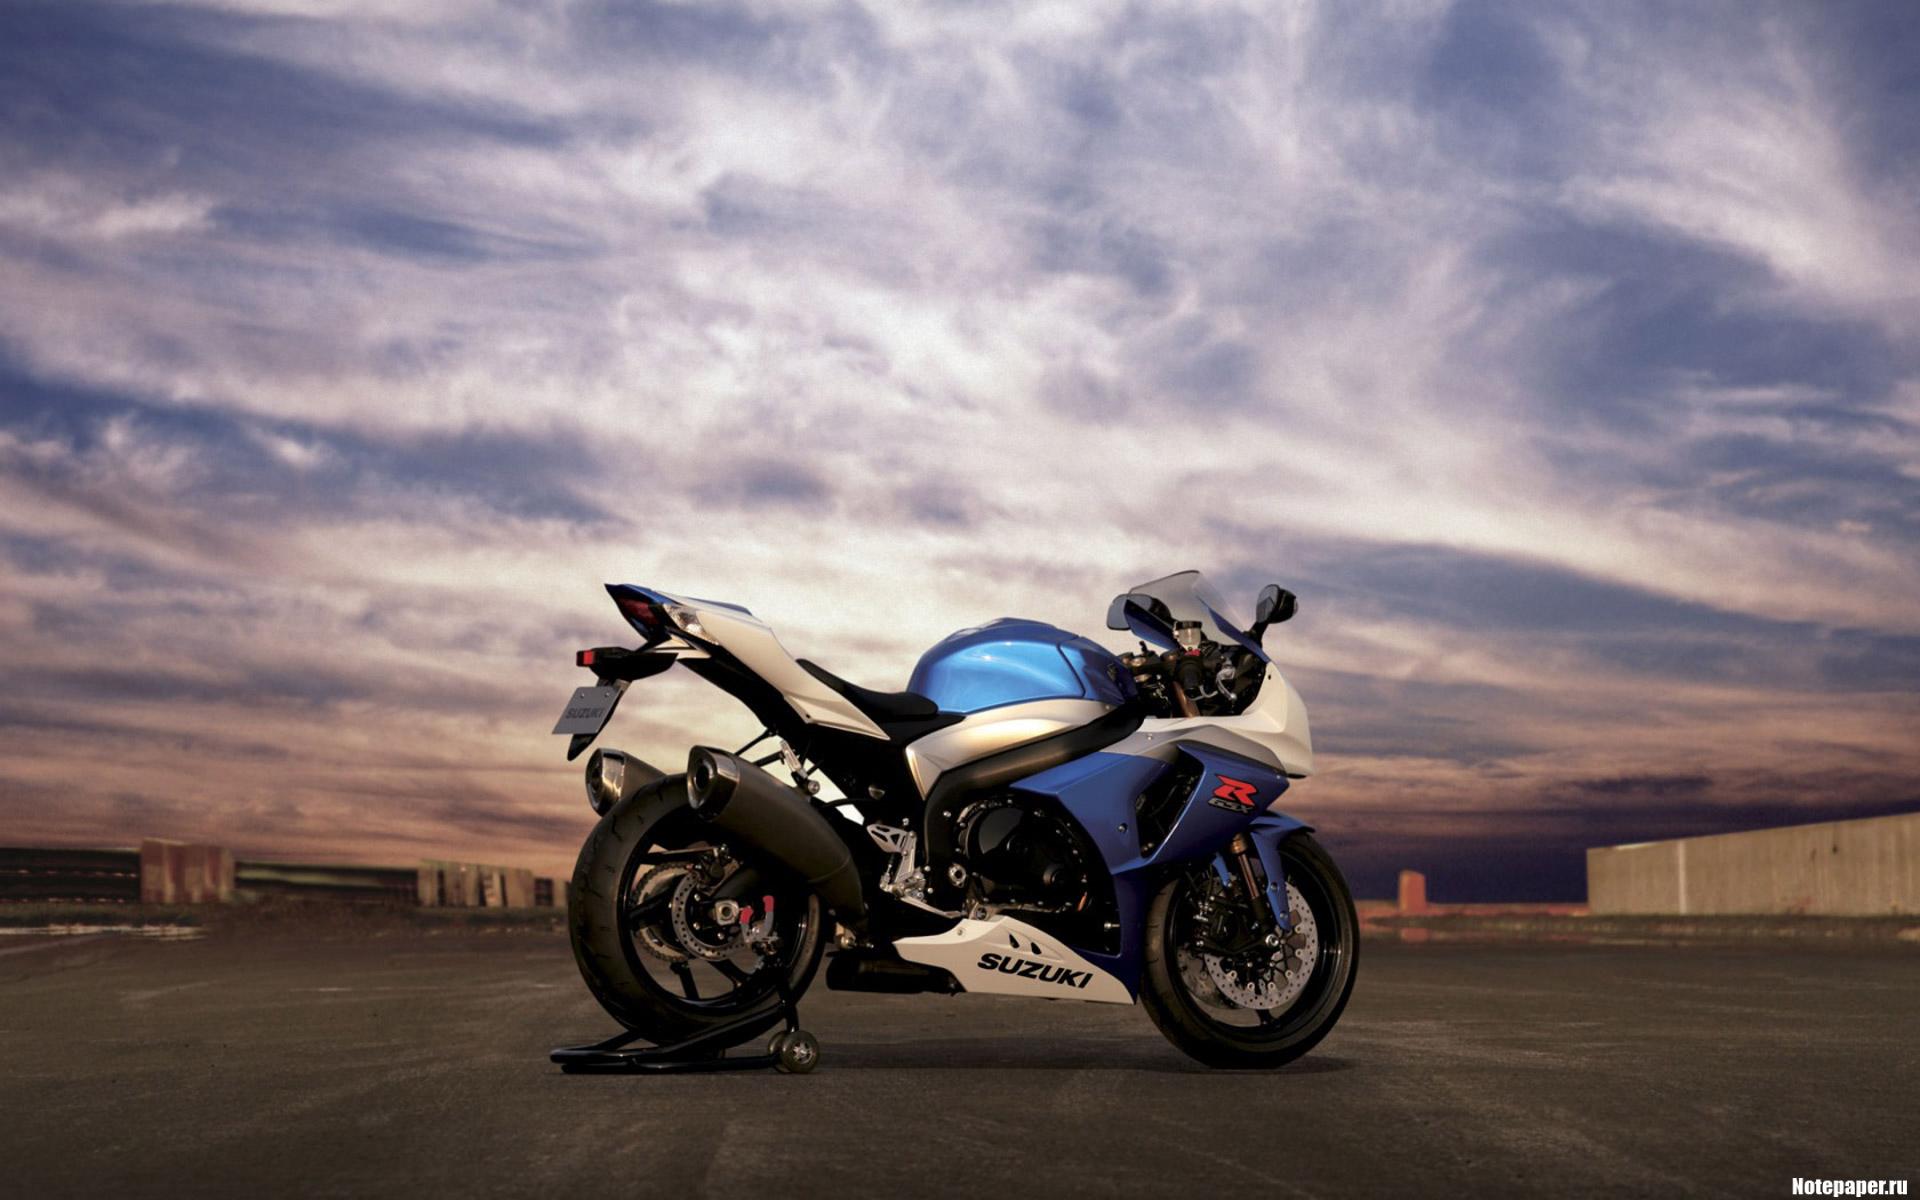 壁紙 スズキバイク Suzuki Gsx R1000 オートバイ ダウンロード 写真